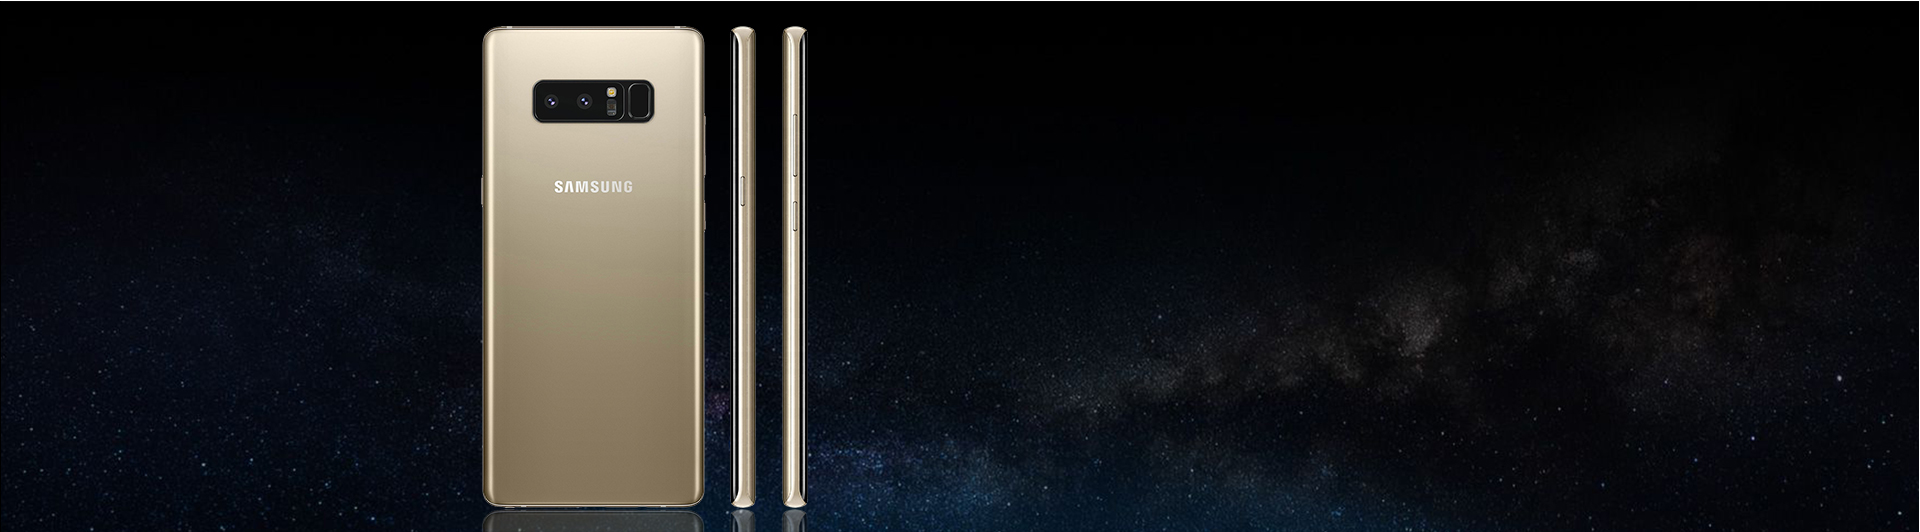 """Điện thoại Samsung Galaxy Note8 vàng màn hình 6.3"""" Super AMOLED"""